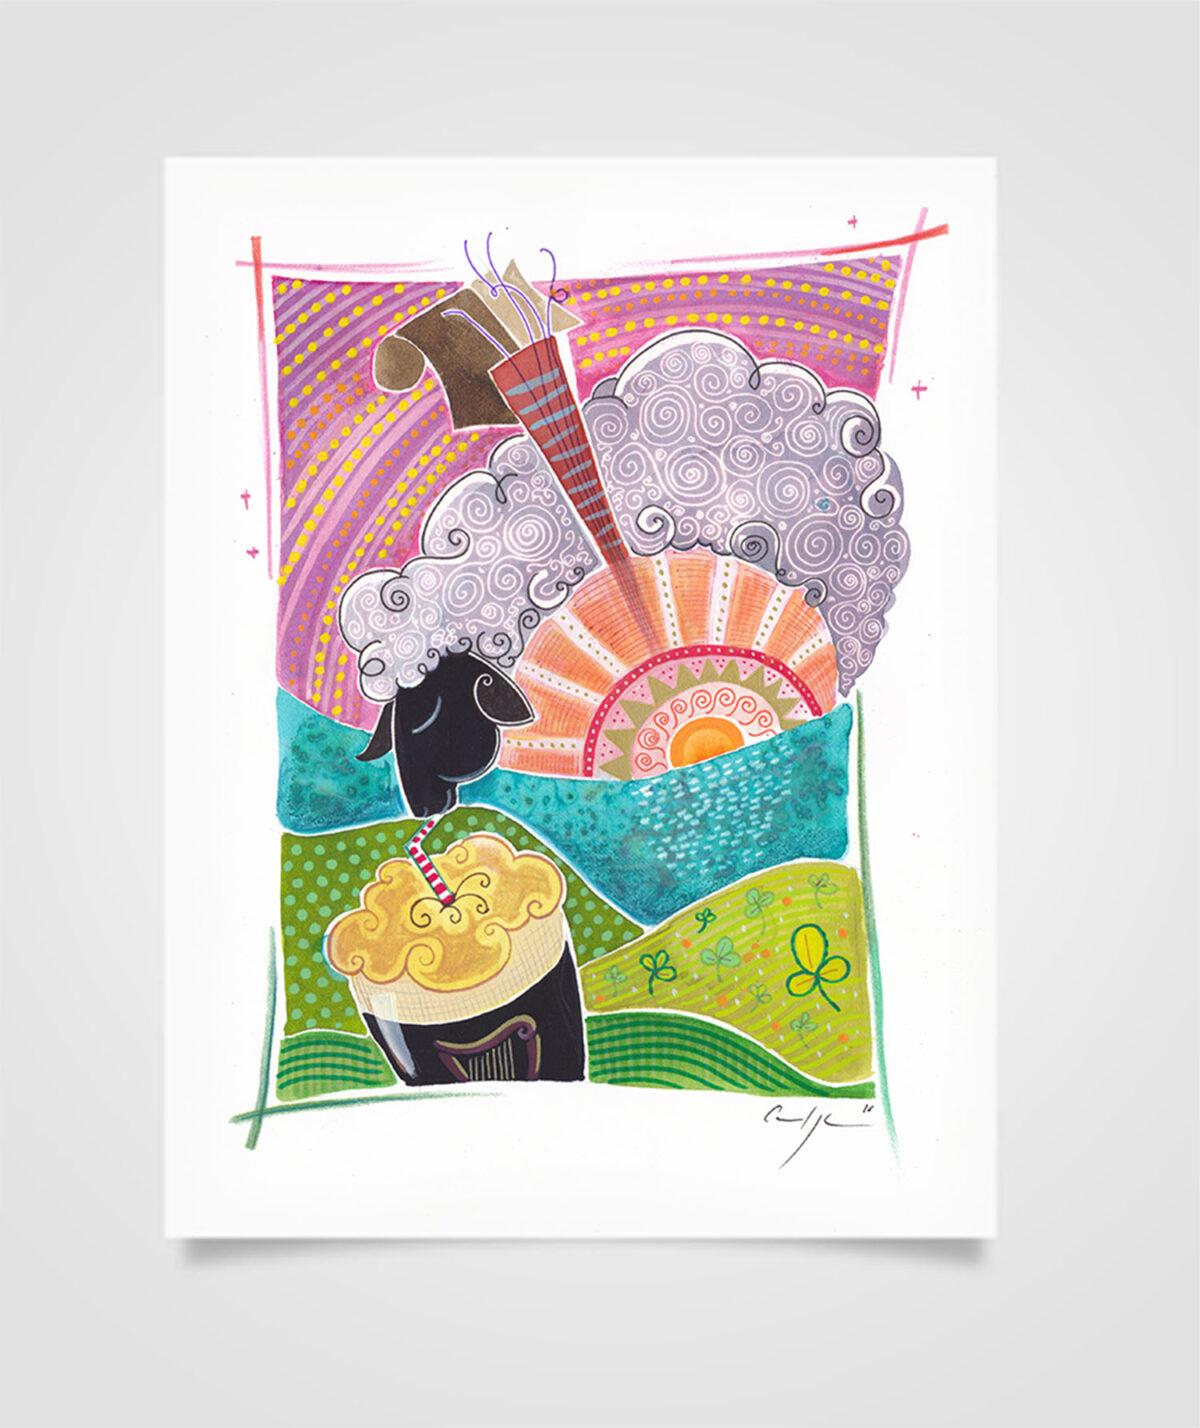 """""""Eire - Colazione sull'oceano"""" Tecniche miste su carta, 21 x 29,7 cm (2016)"""